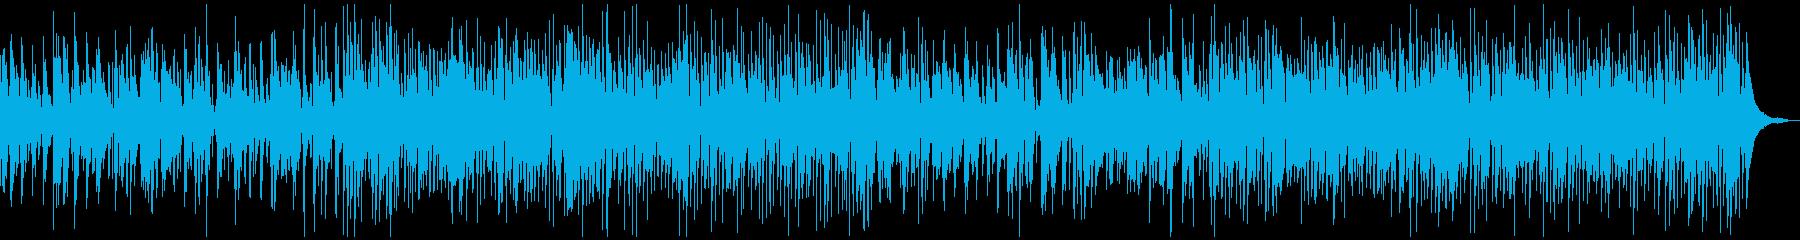 生演奏・渋い大人の雰囲気のジャズワルツの再生済みの波形